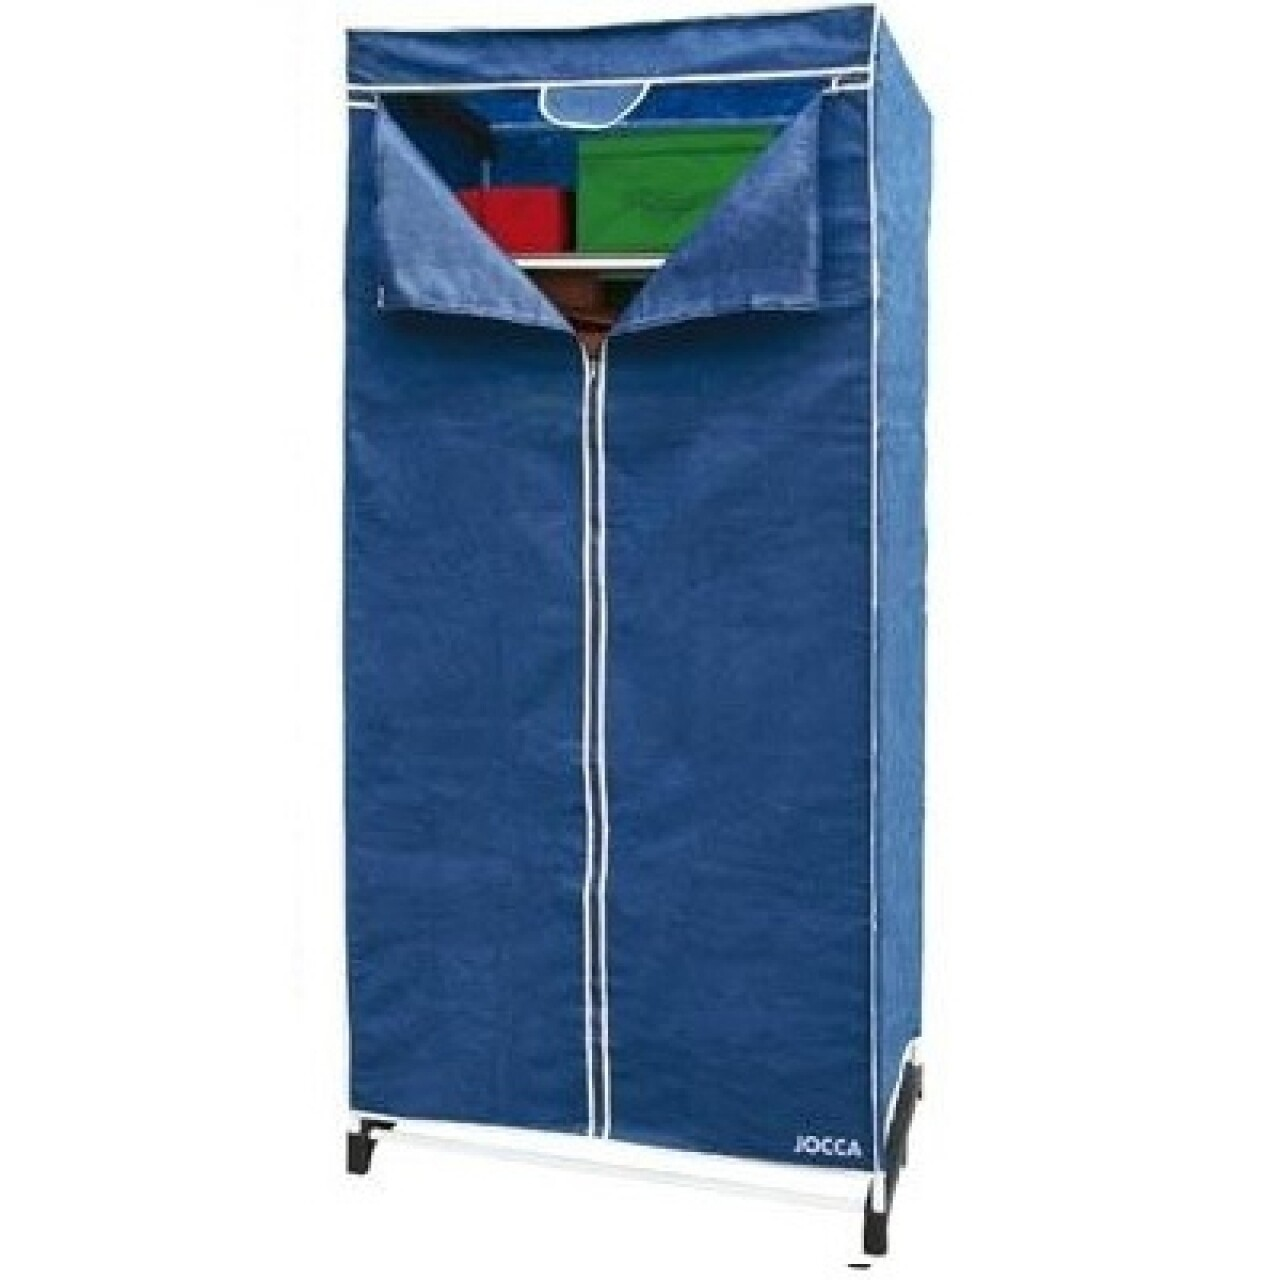 Dulap pentru depozitare cu raft Blue, Jocca, 50 x 70 x 180 cm, polipropilena/metal, albastru